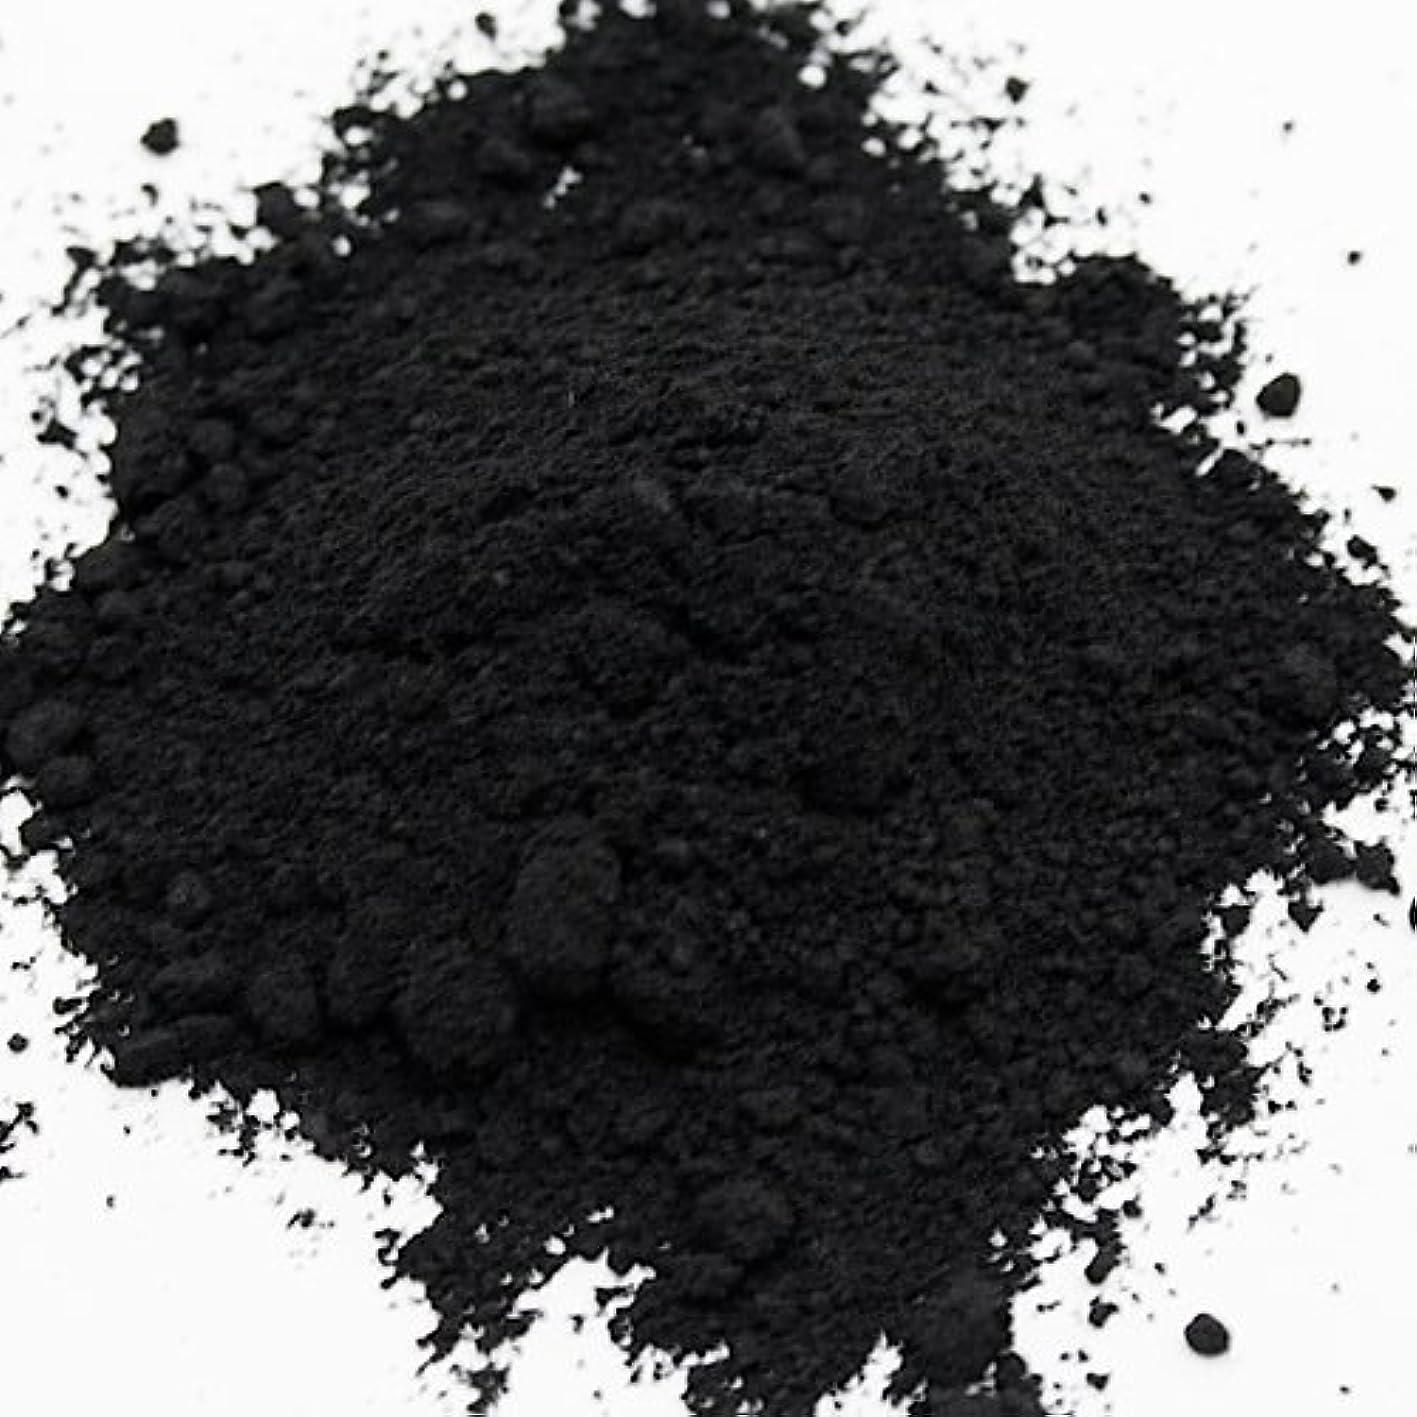 全体に乱気流しつけ酸化鉄 ブラック 20g 【手作り石鹸/手作りコスメ/色付け/カラーラント/黒】